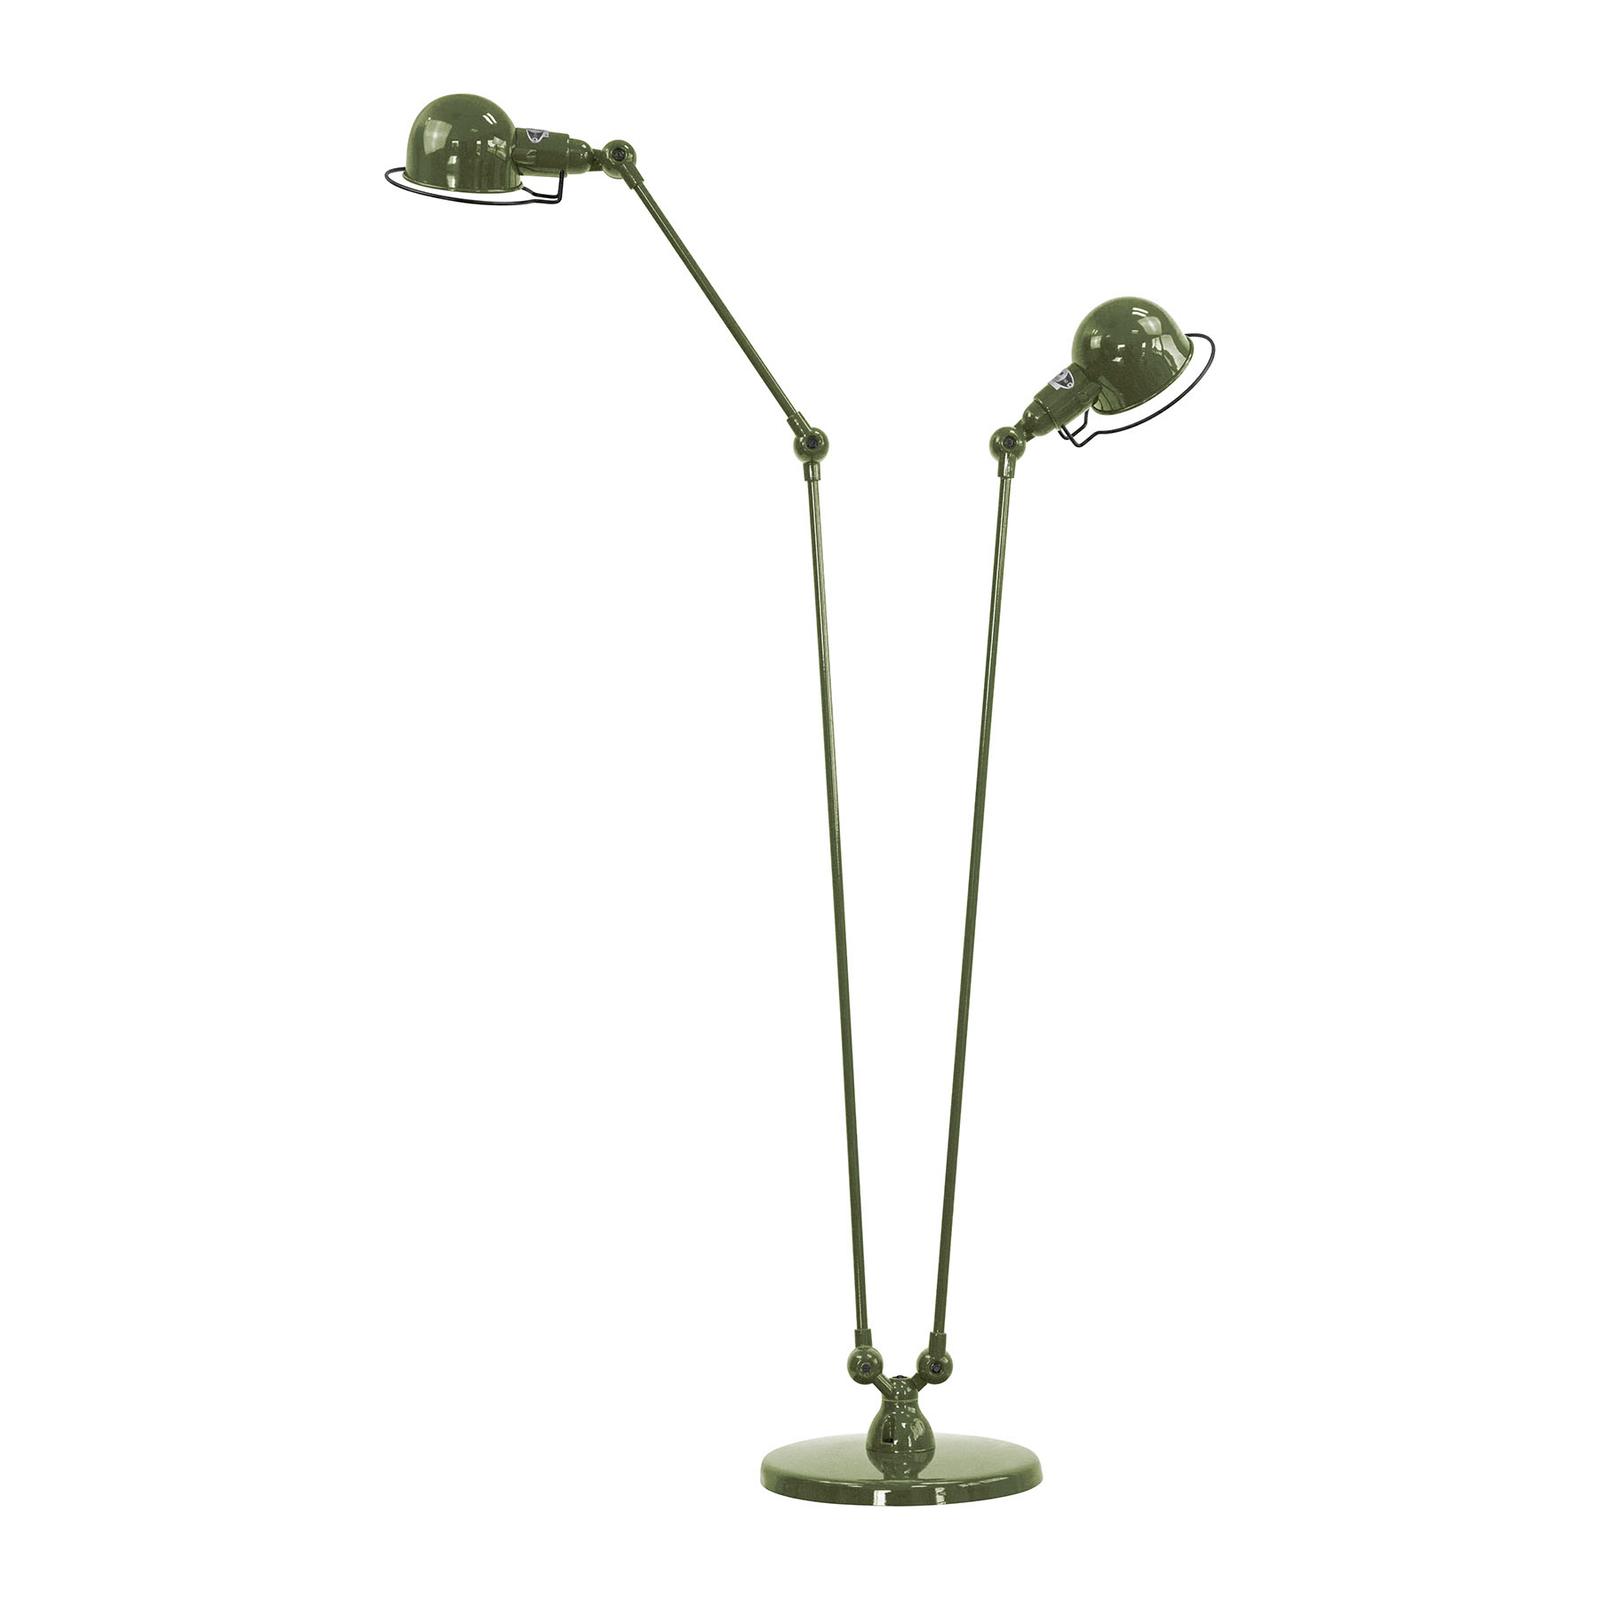 Jieldé Signal SI8380 piantana, 2 luci verde oliva